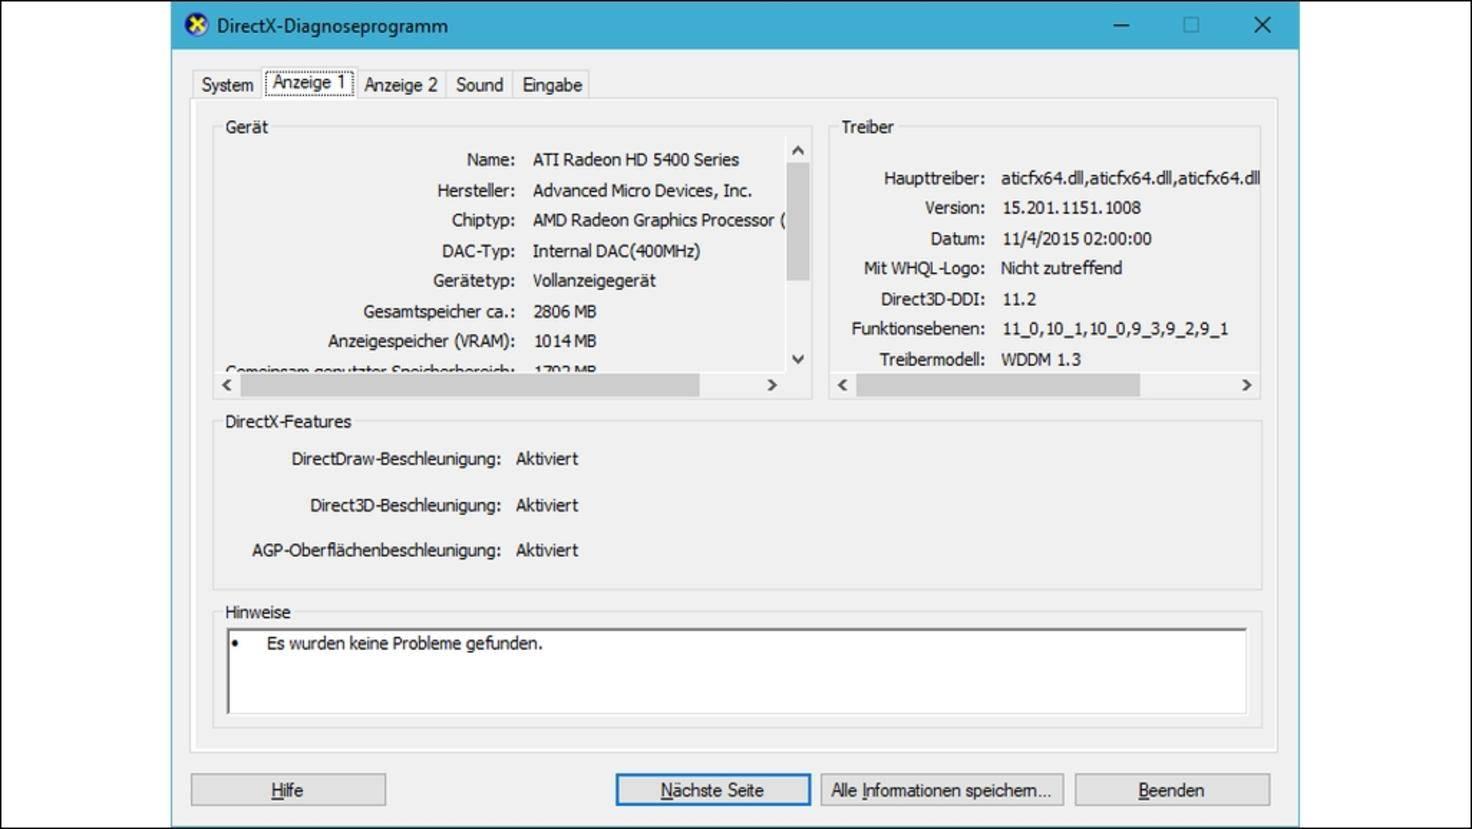 DirectX-Diagnoseprogramm-DxDiag